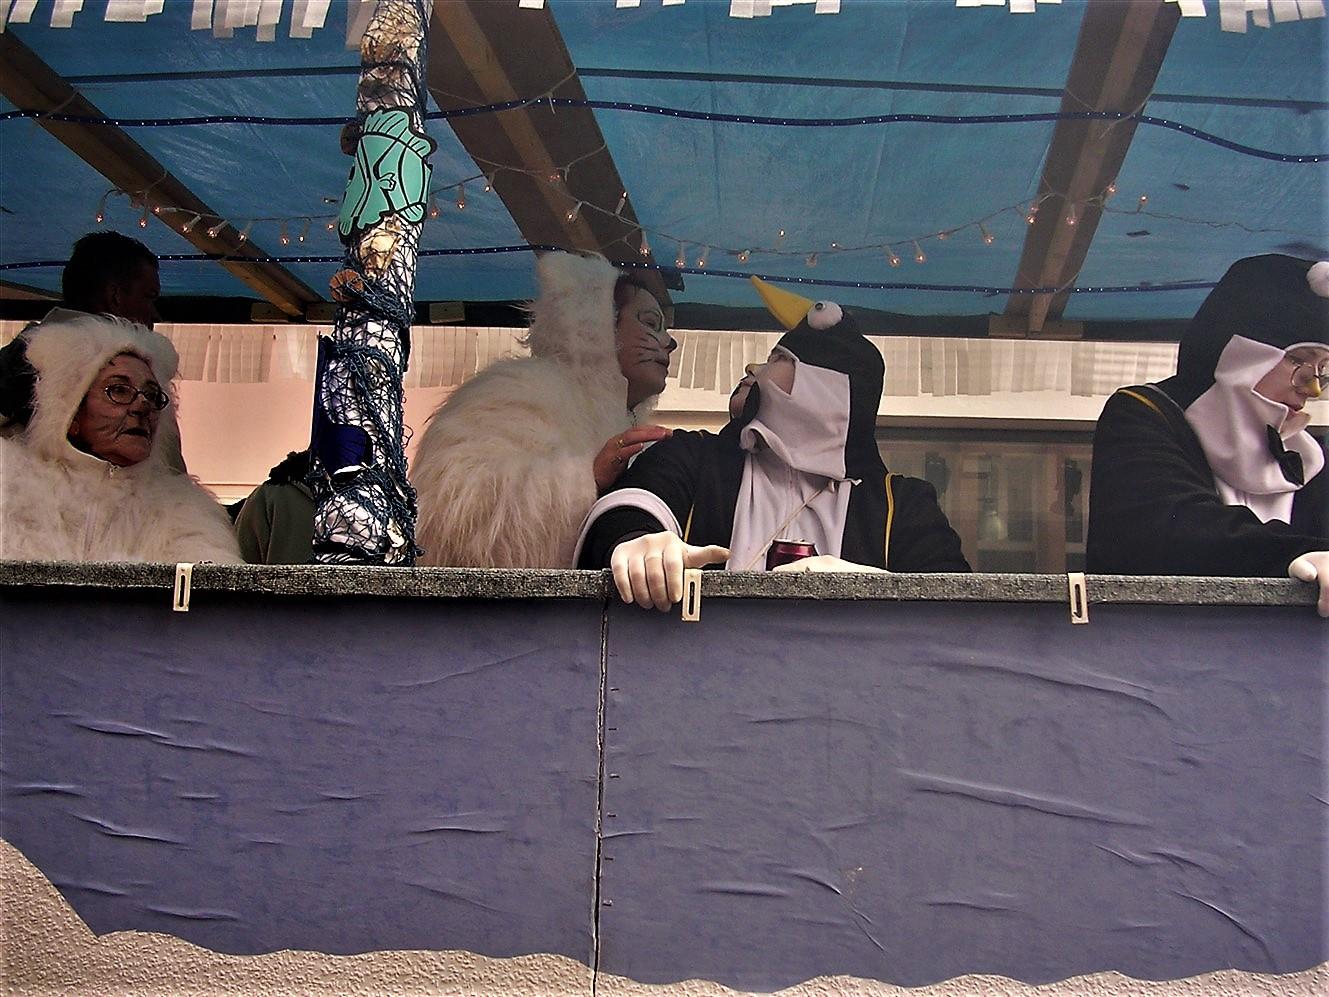 2006 02 27 Trier Germany Rosenmontagszug 82.jpg